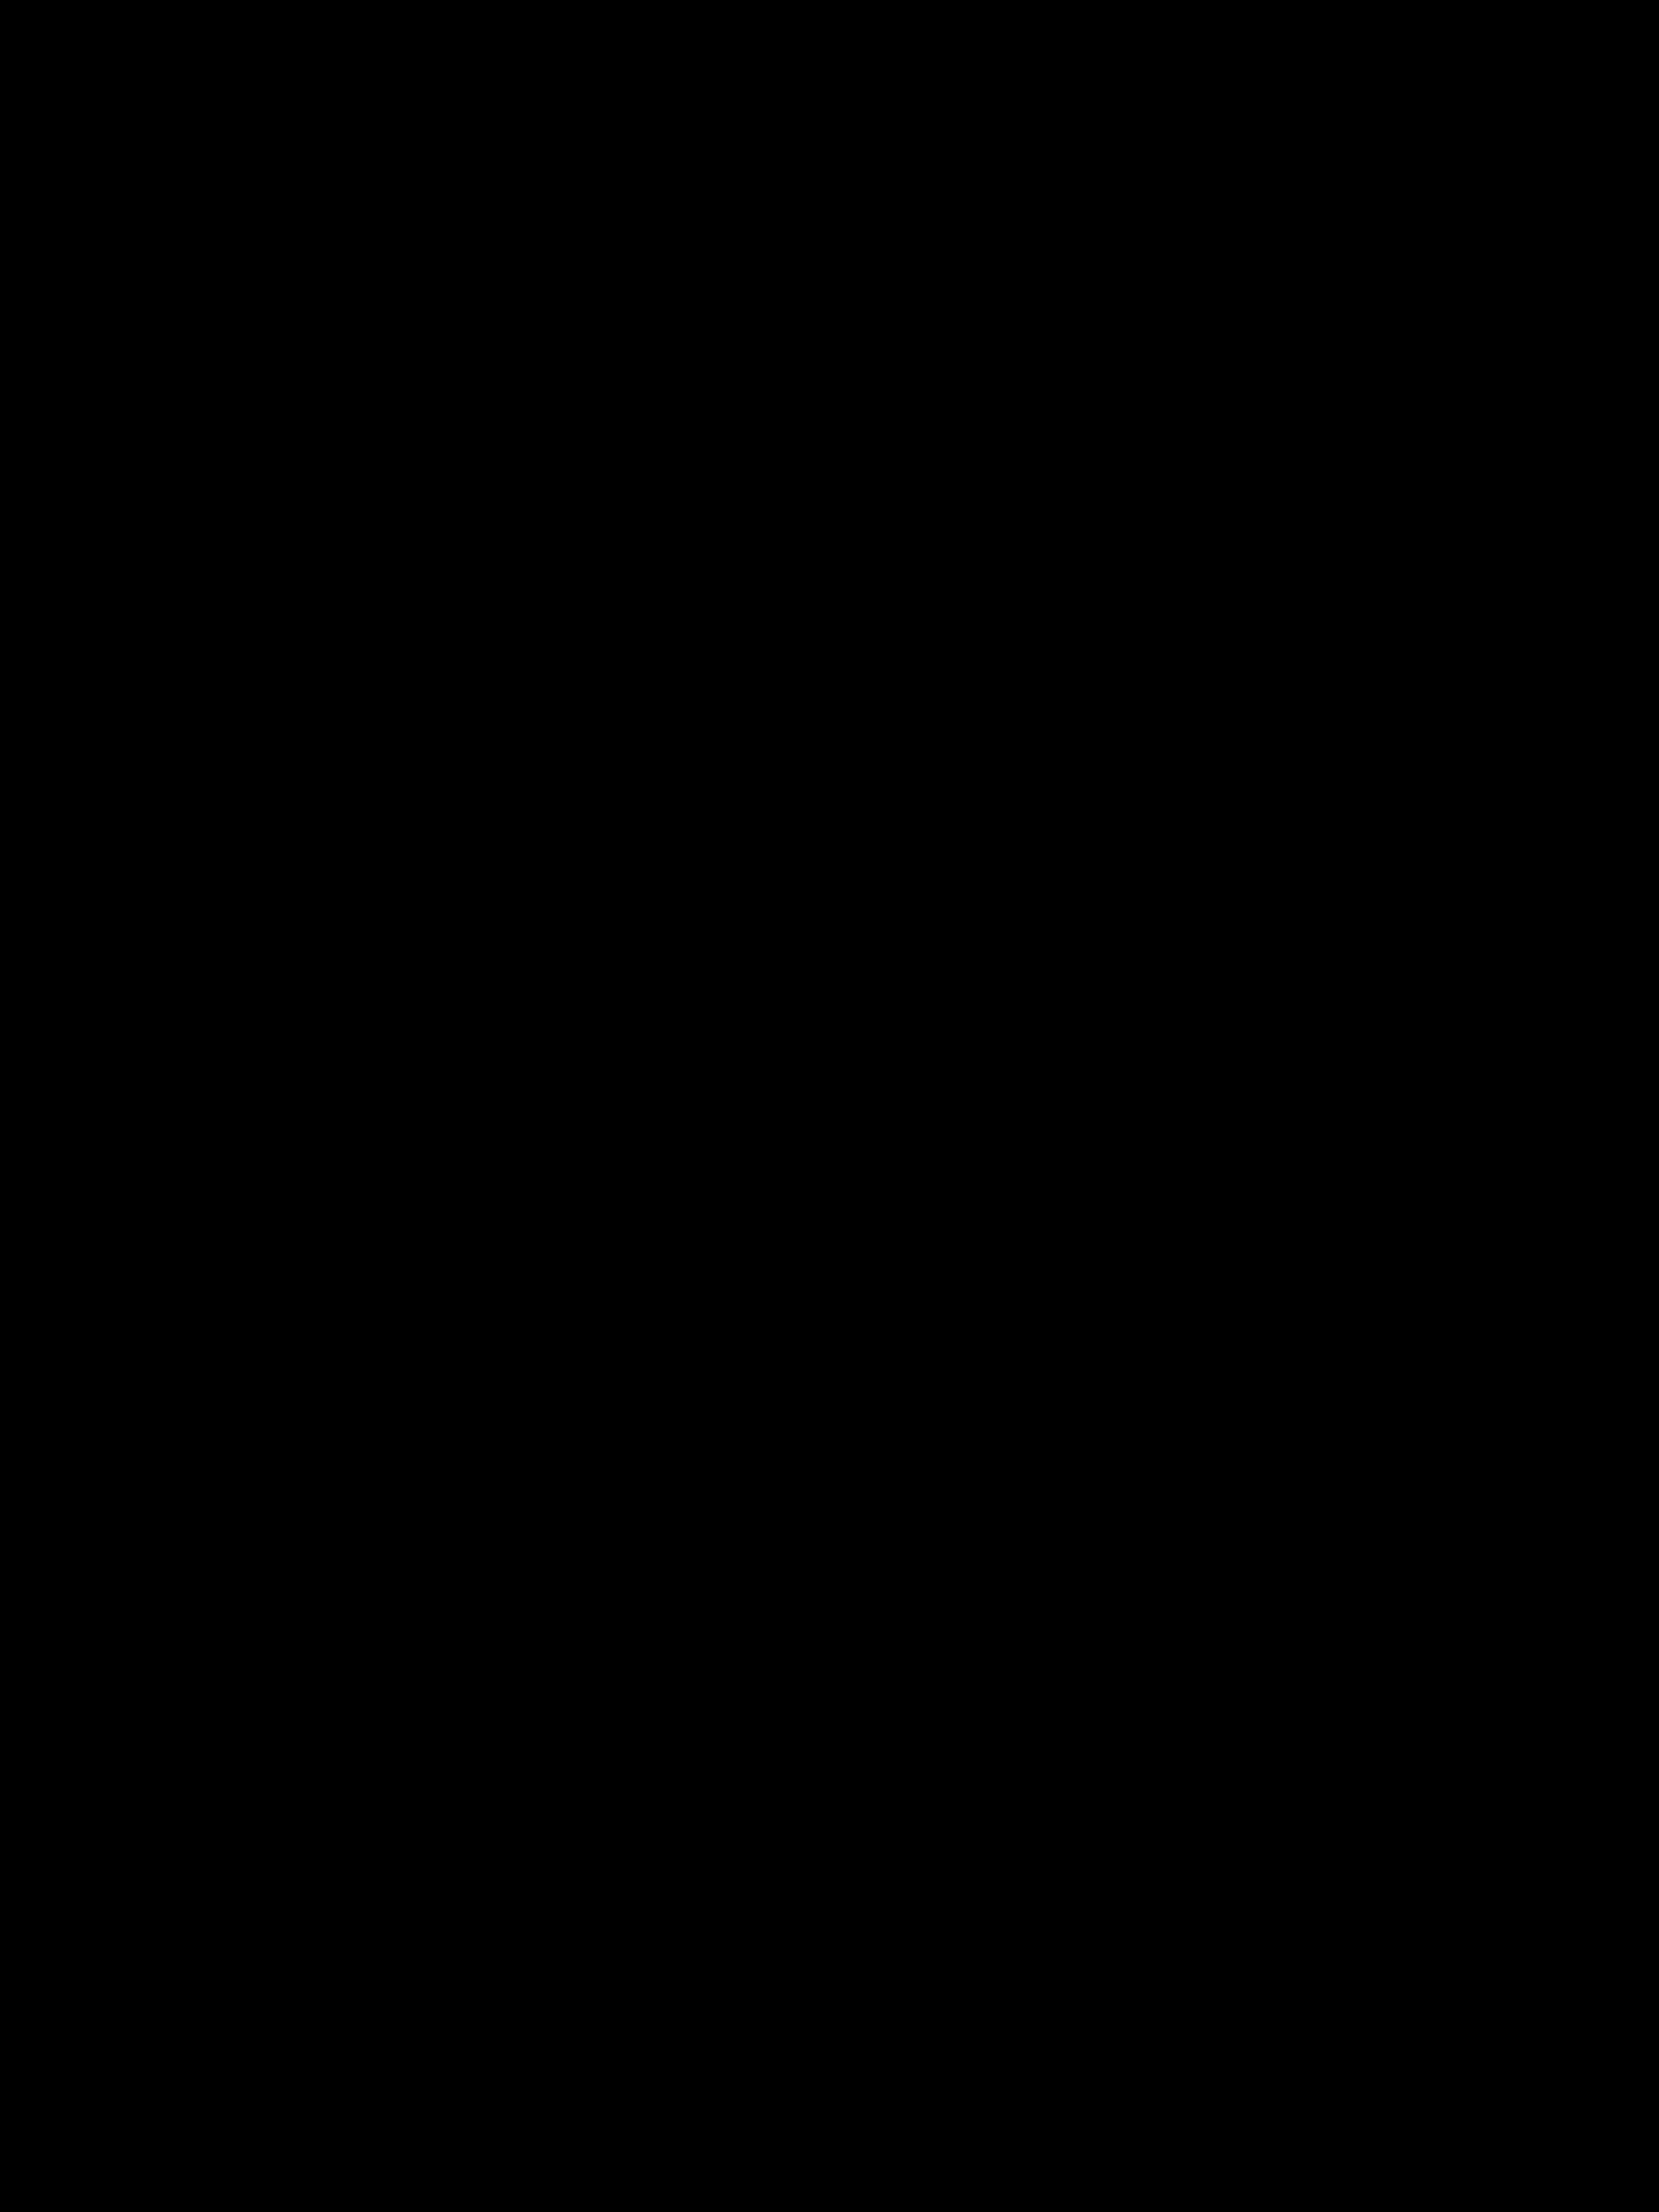 Beta greek letter clipart vector File:Greek letter beta serif+sans.svg - Wikimedia Commons vector